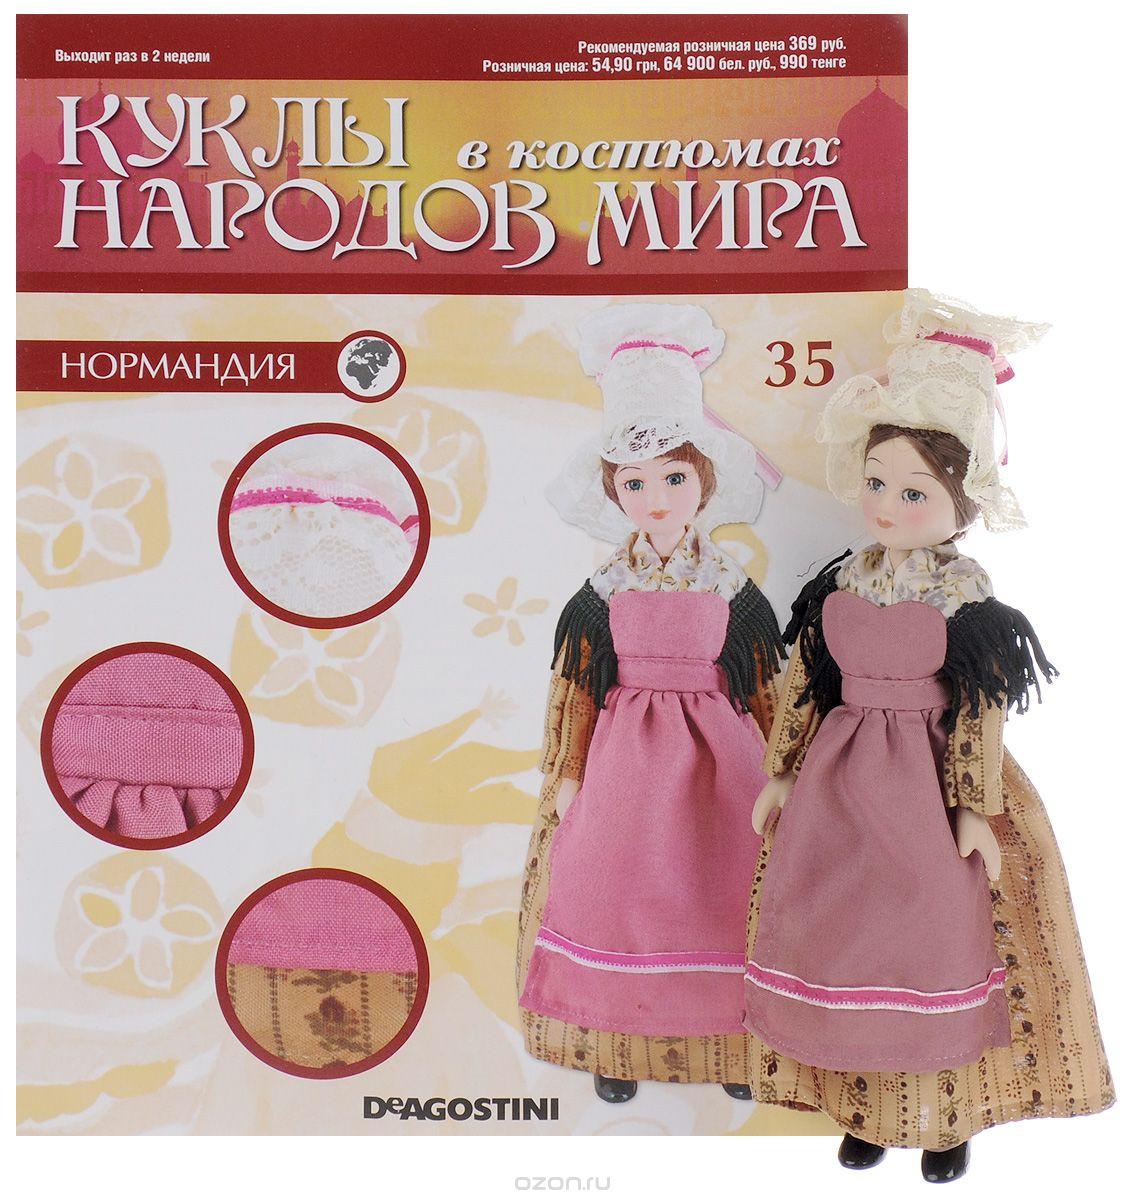 Куклы в Костюмах Народов Мира №35 - Нормандия